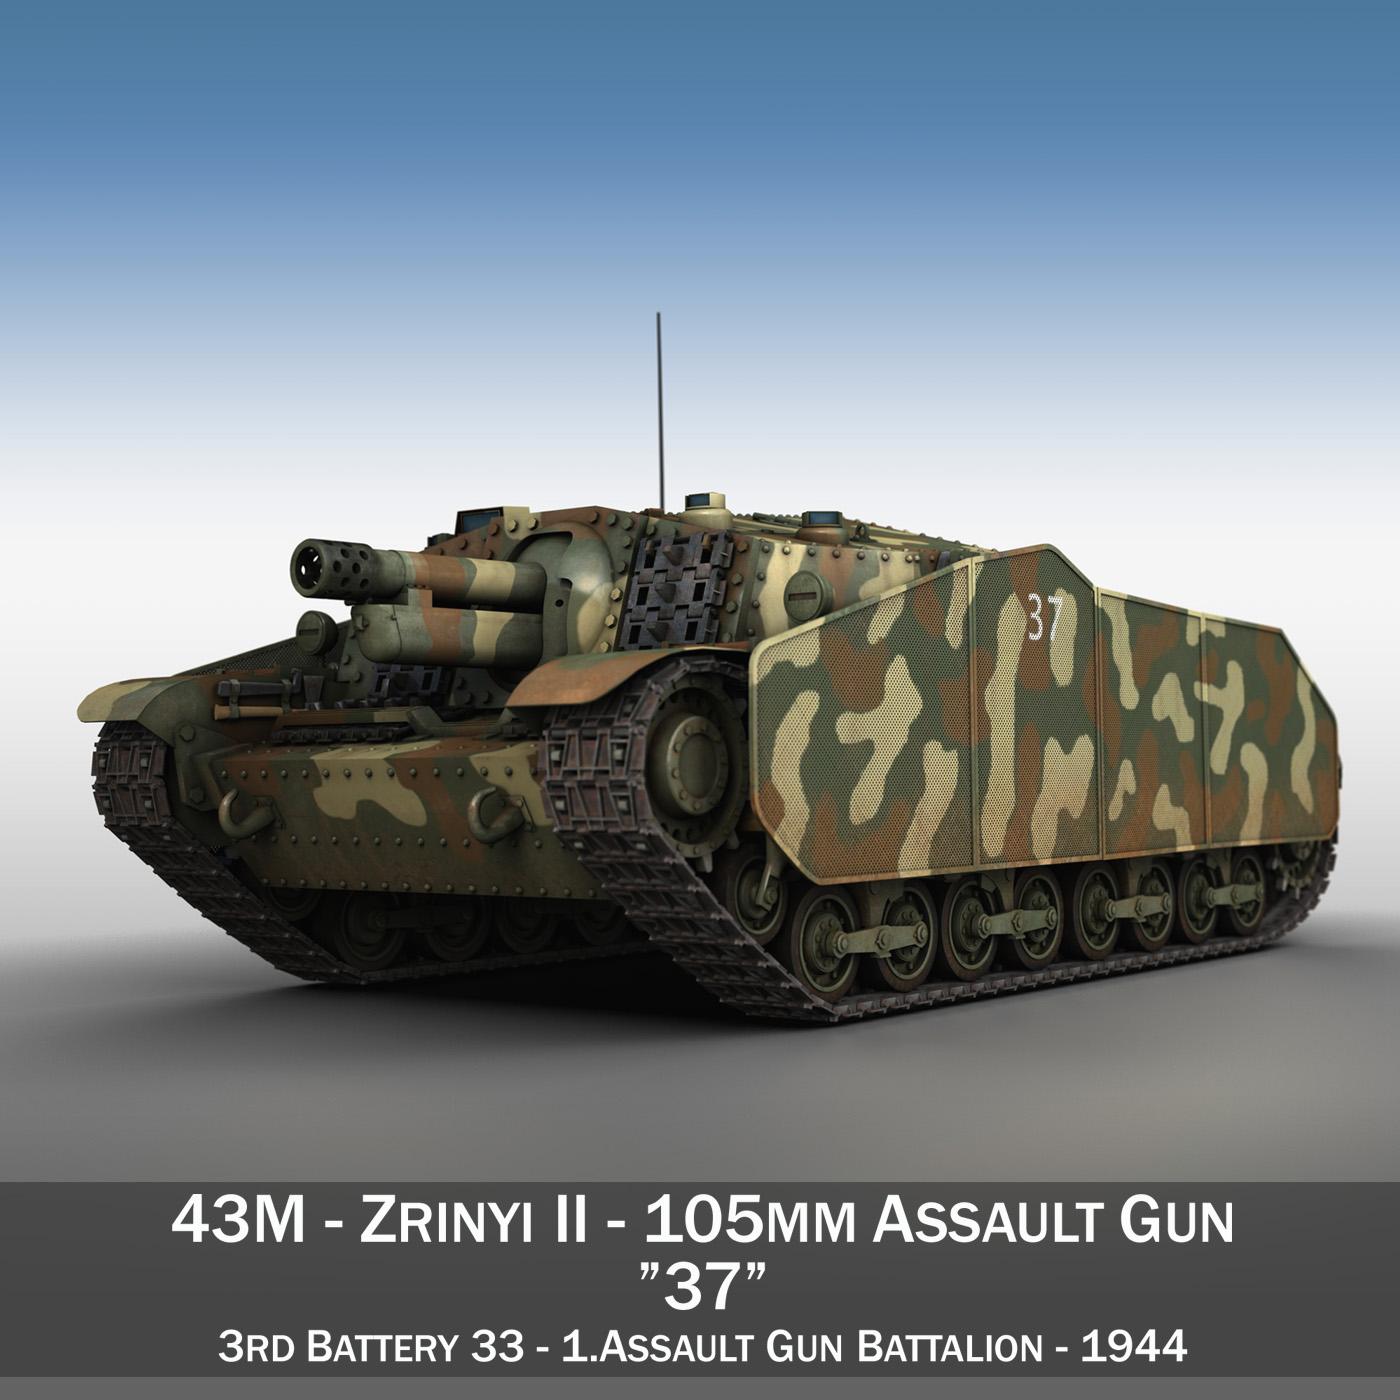 43M Zrinyi II - Assault Gun - 3rd Battery 37 3d model 3ds fbx c4d lwo lws lw obj 282622